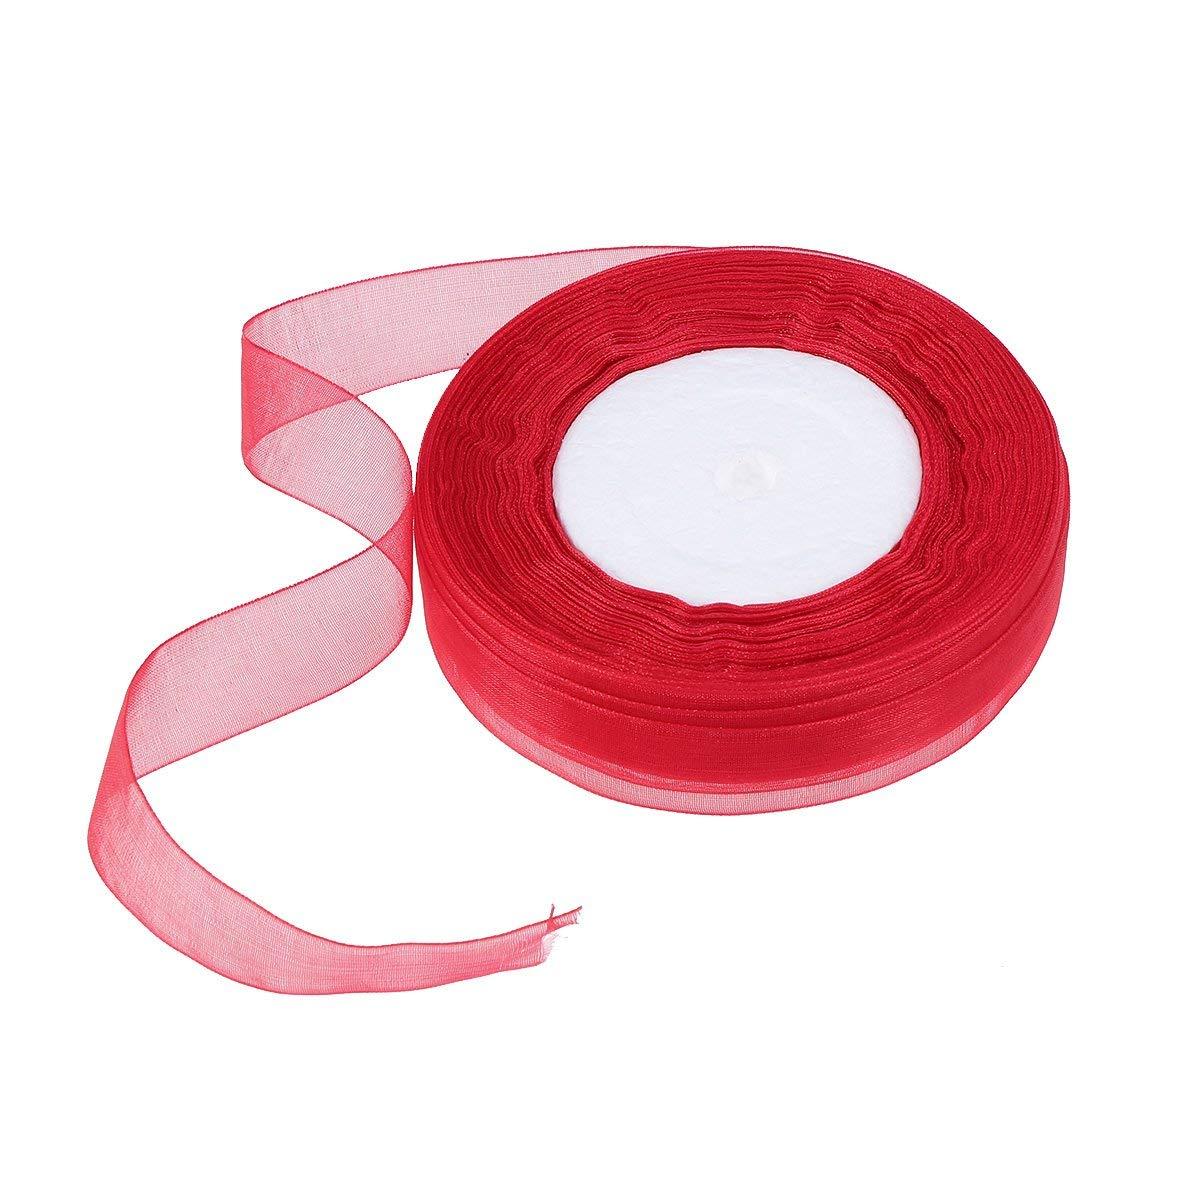 feste di compleanno 2 cm fai da te decorazione per matrimoni nastro di raso luccicante rosso Nastro di organza